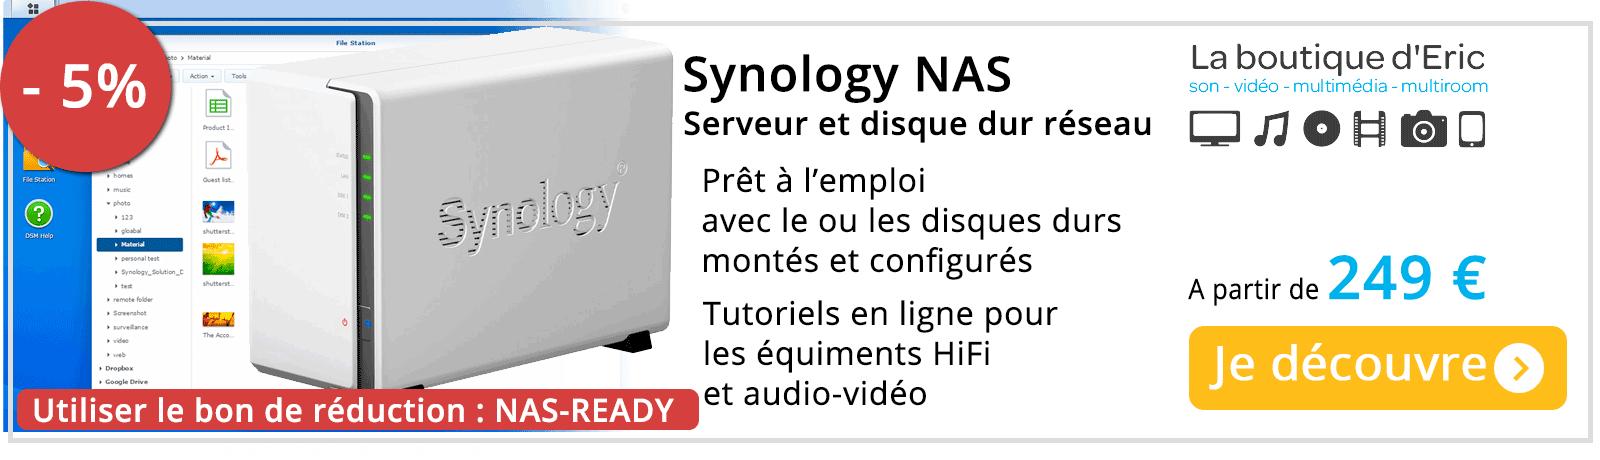 Acheter NAS Synology prêt à l'emploi : disques durs montés et configurés pour stockage fichiers audio et informatique